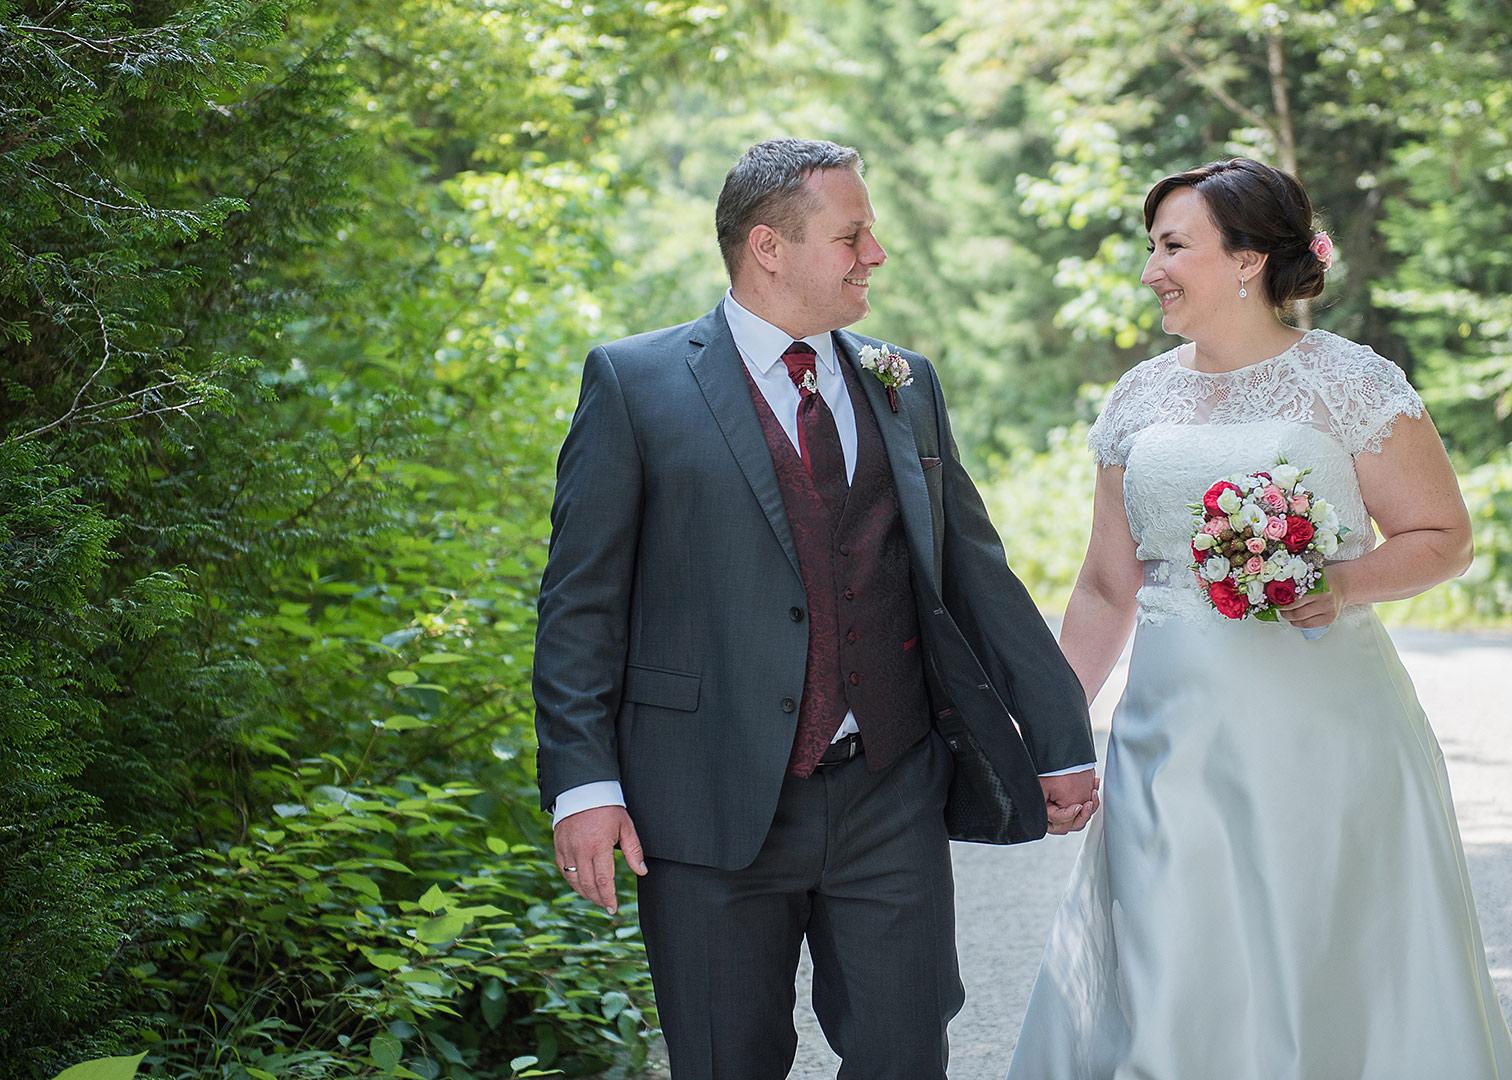 berghochzeit, heiraten in den bergen, garmisch partenkirchen, tonihütte, riesserkopf, zugspitze, hochzeitsfotograf, destination wedding, bayrische hüttenhochzeit, heiraten in den alpen, fotograf, hochzeitsfotos